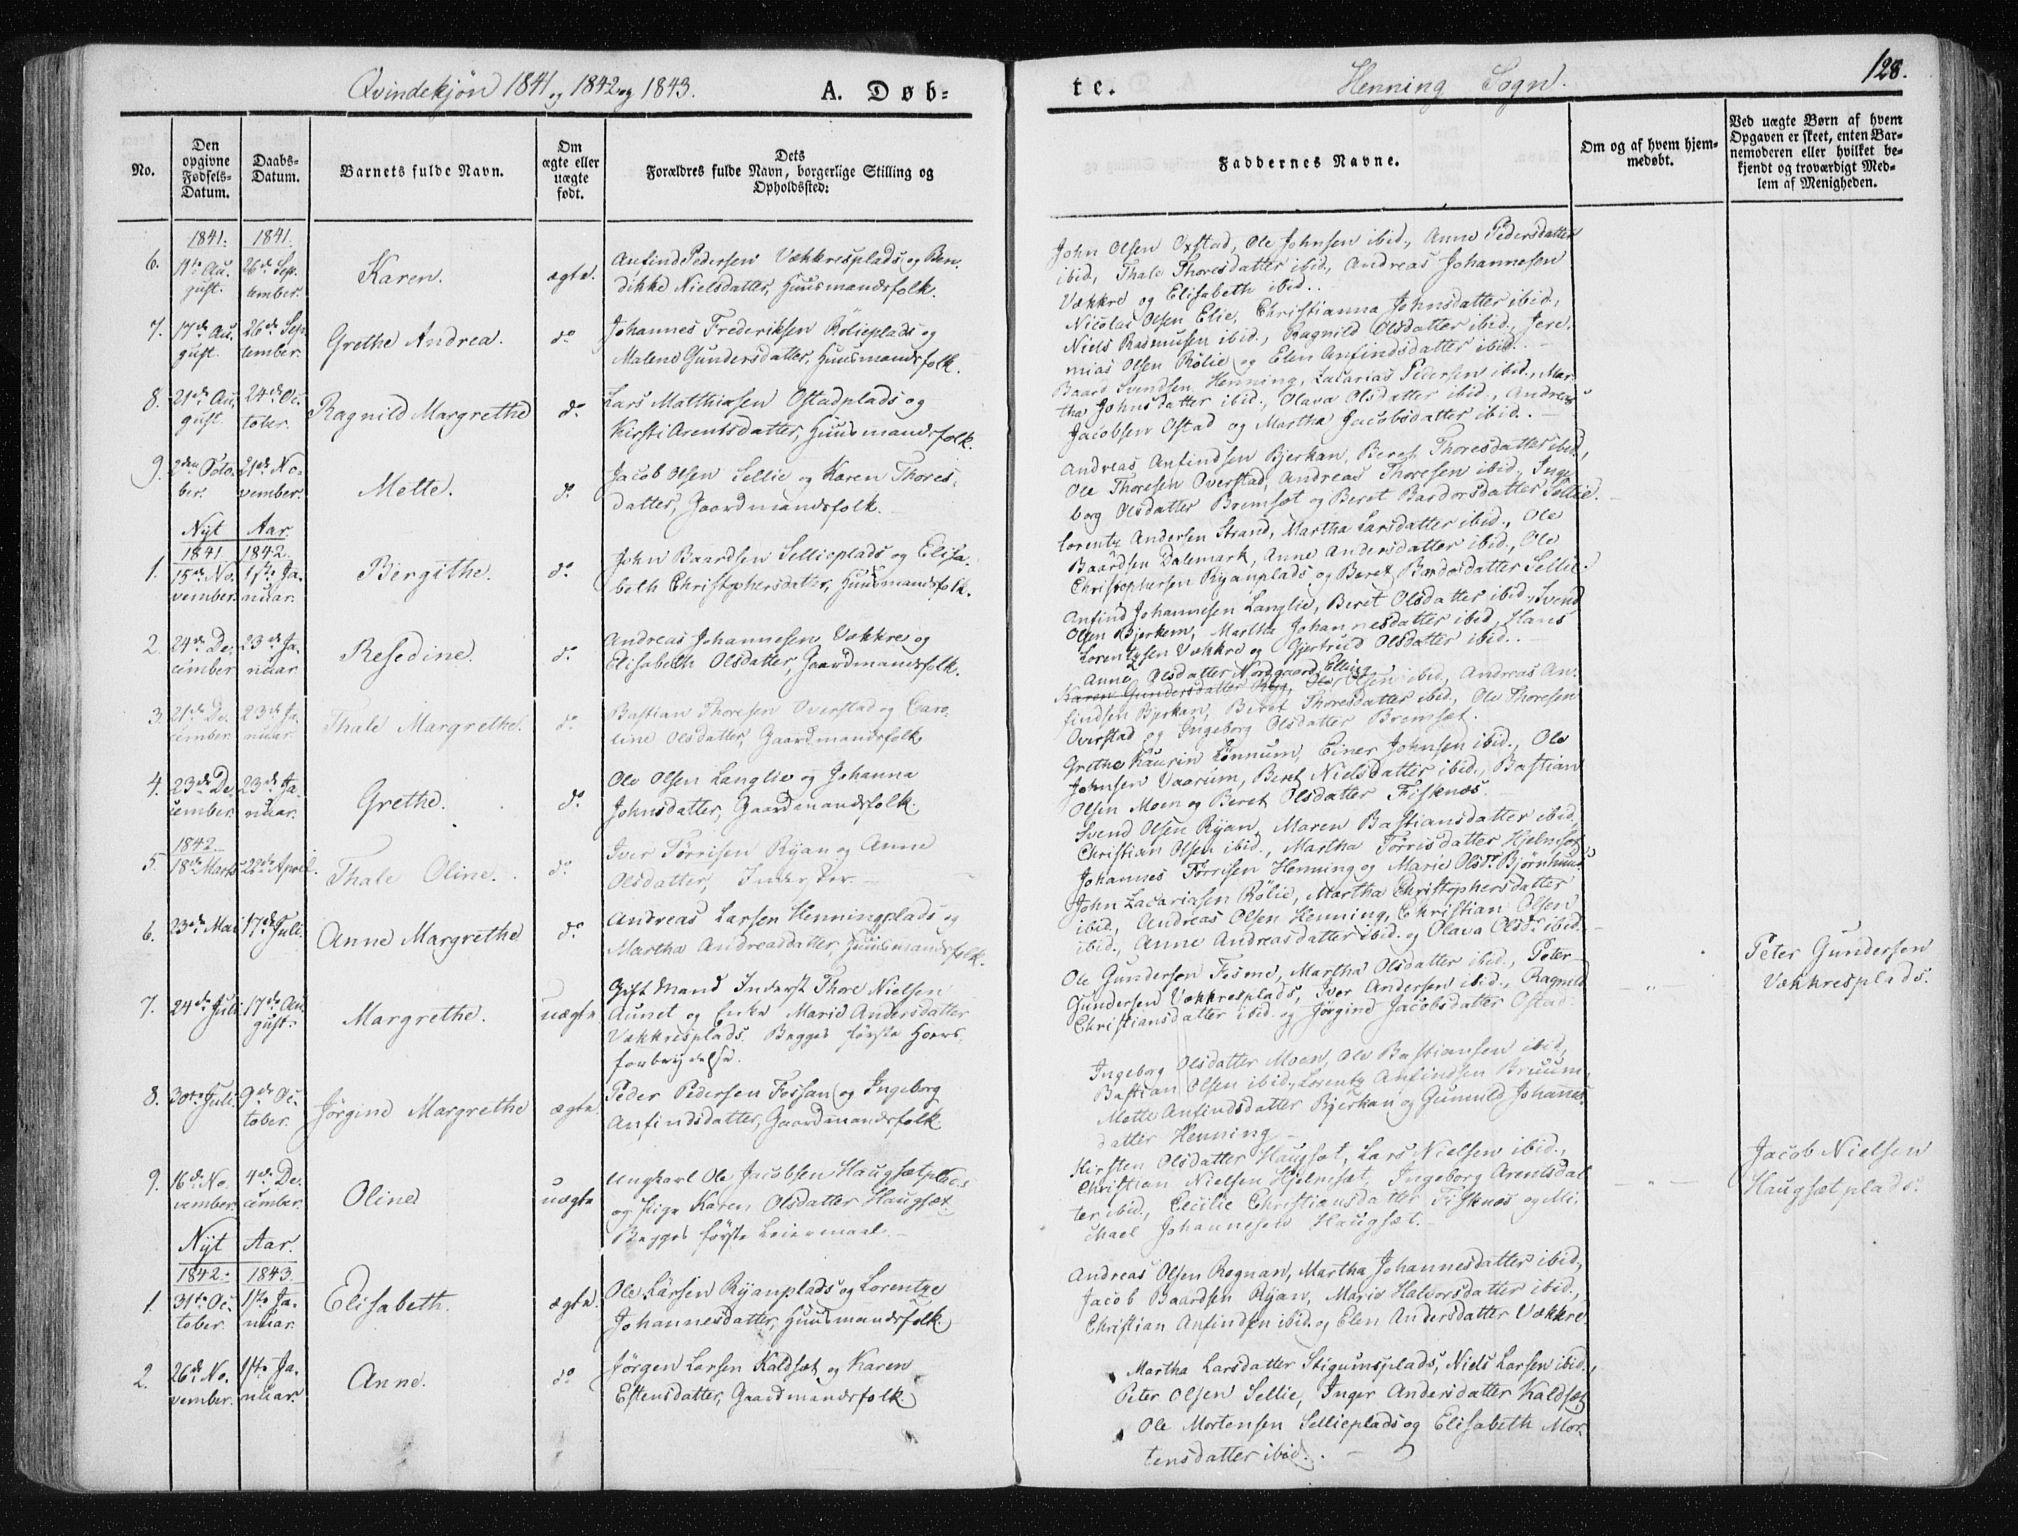 SAT, Ministerialprotokoller, klokkerbøker og fødselsregistre - Nord-Trøndelag, 735/L0339: Ministerialbok nr. 735A06 /3, 1836-1848, s. 128